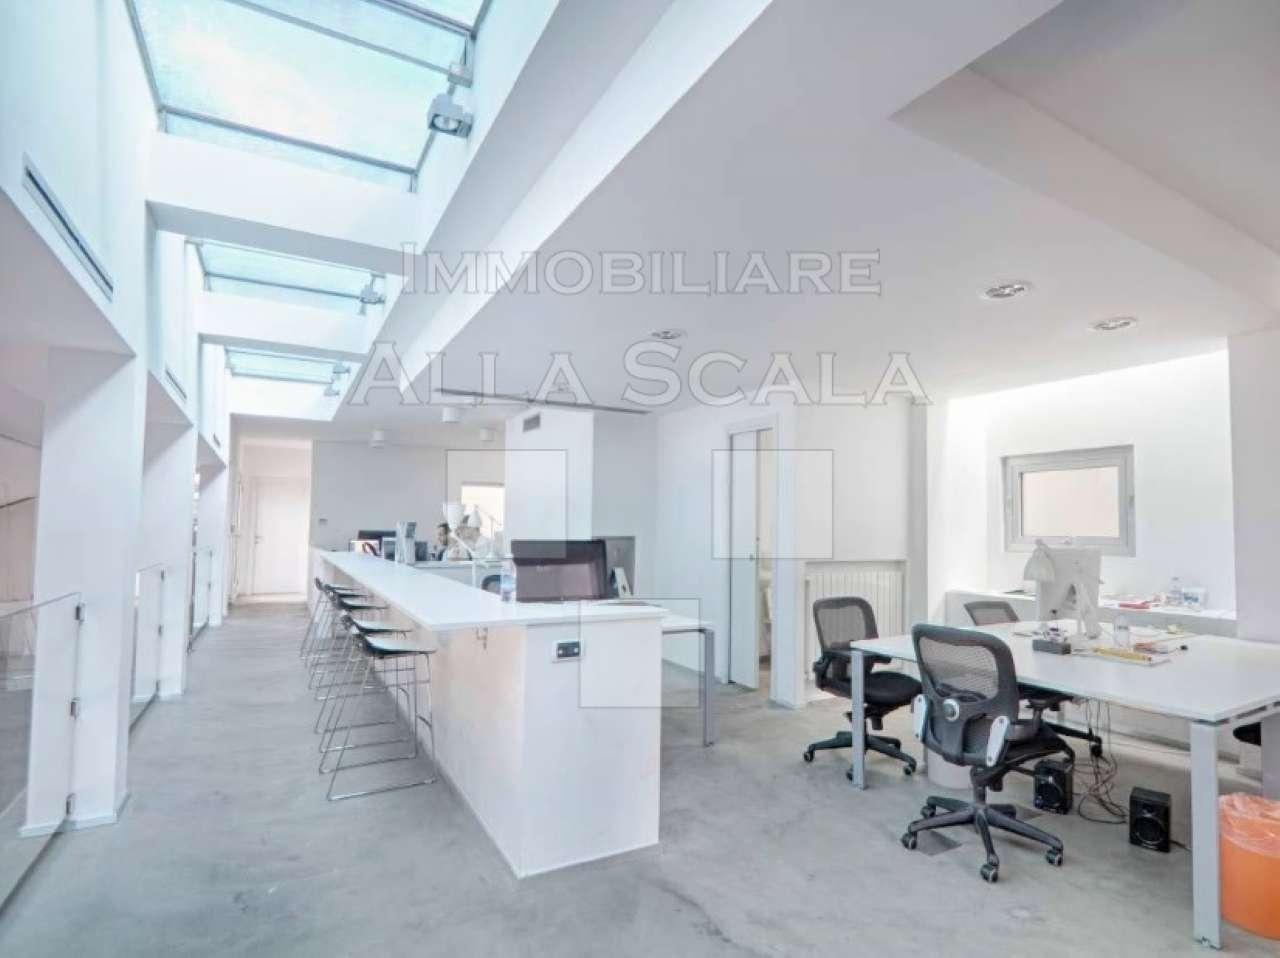 Ufficio-studio in Affitto a Milano 02 Brera / Volta / Repubblica: 5 locali, 450 mq